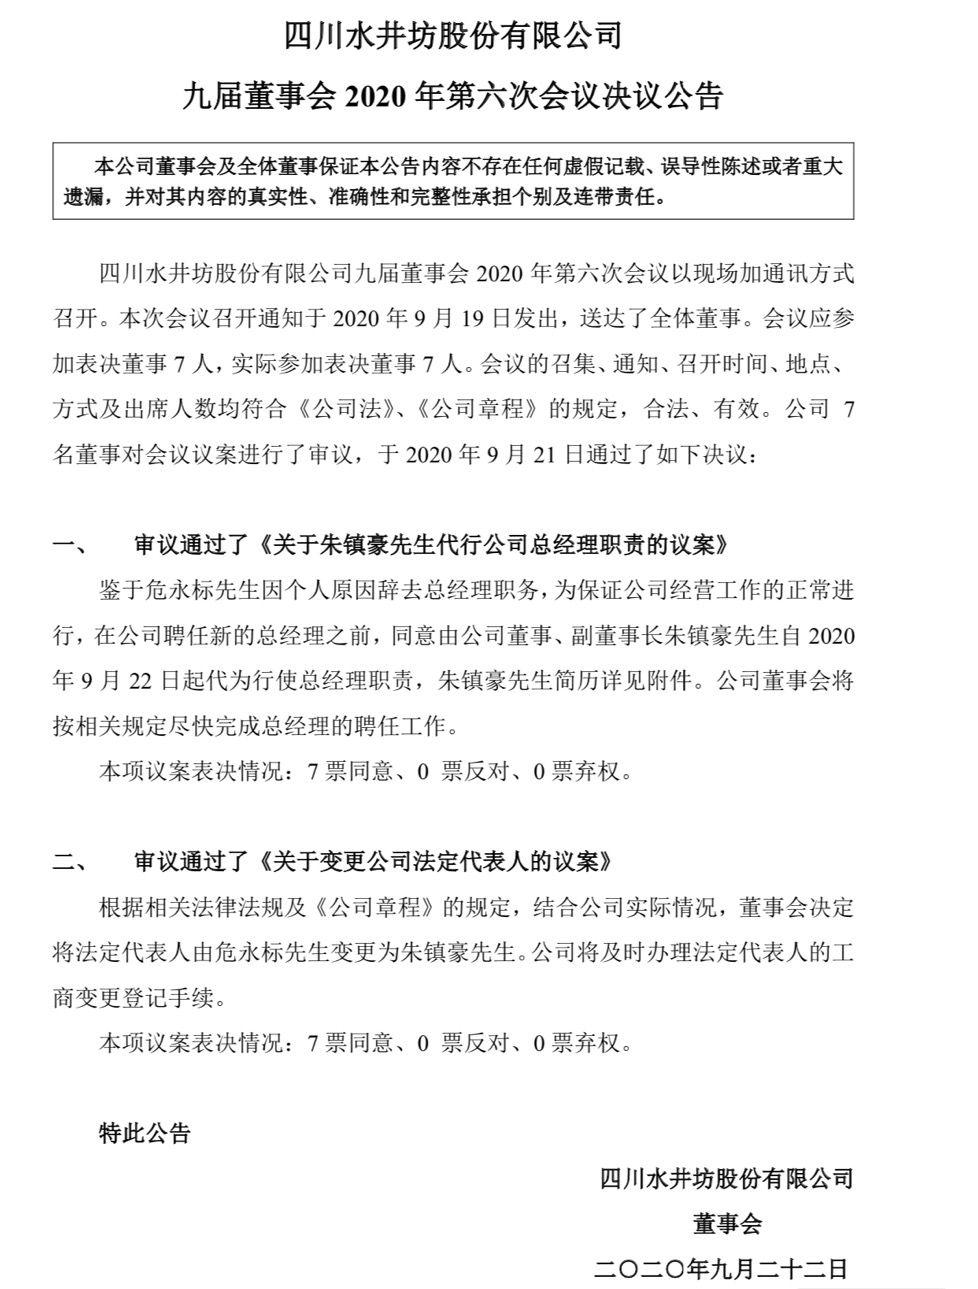 水井坊副董事长朱镇豪暂代总经理一职图片